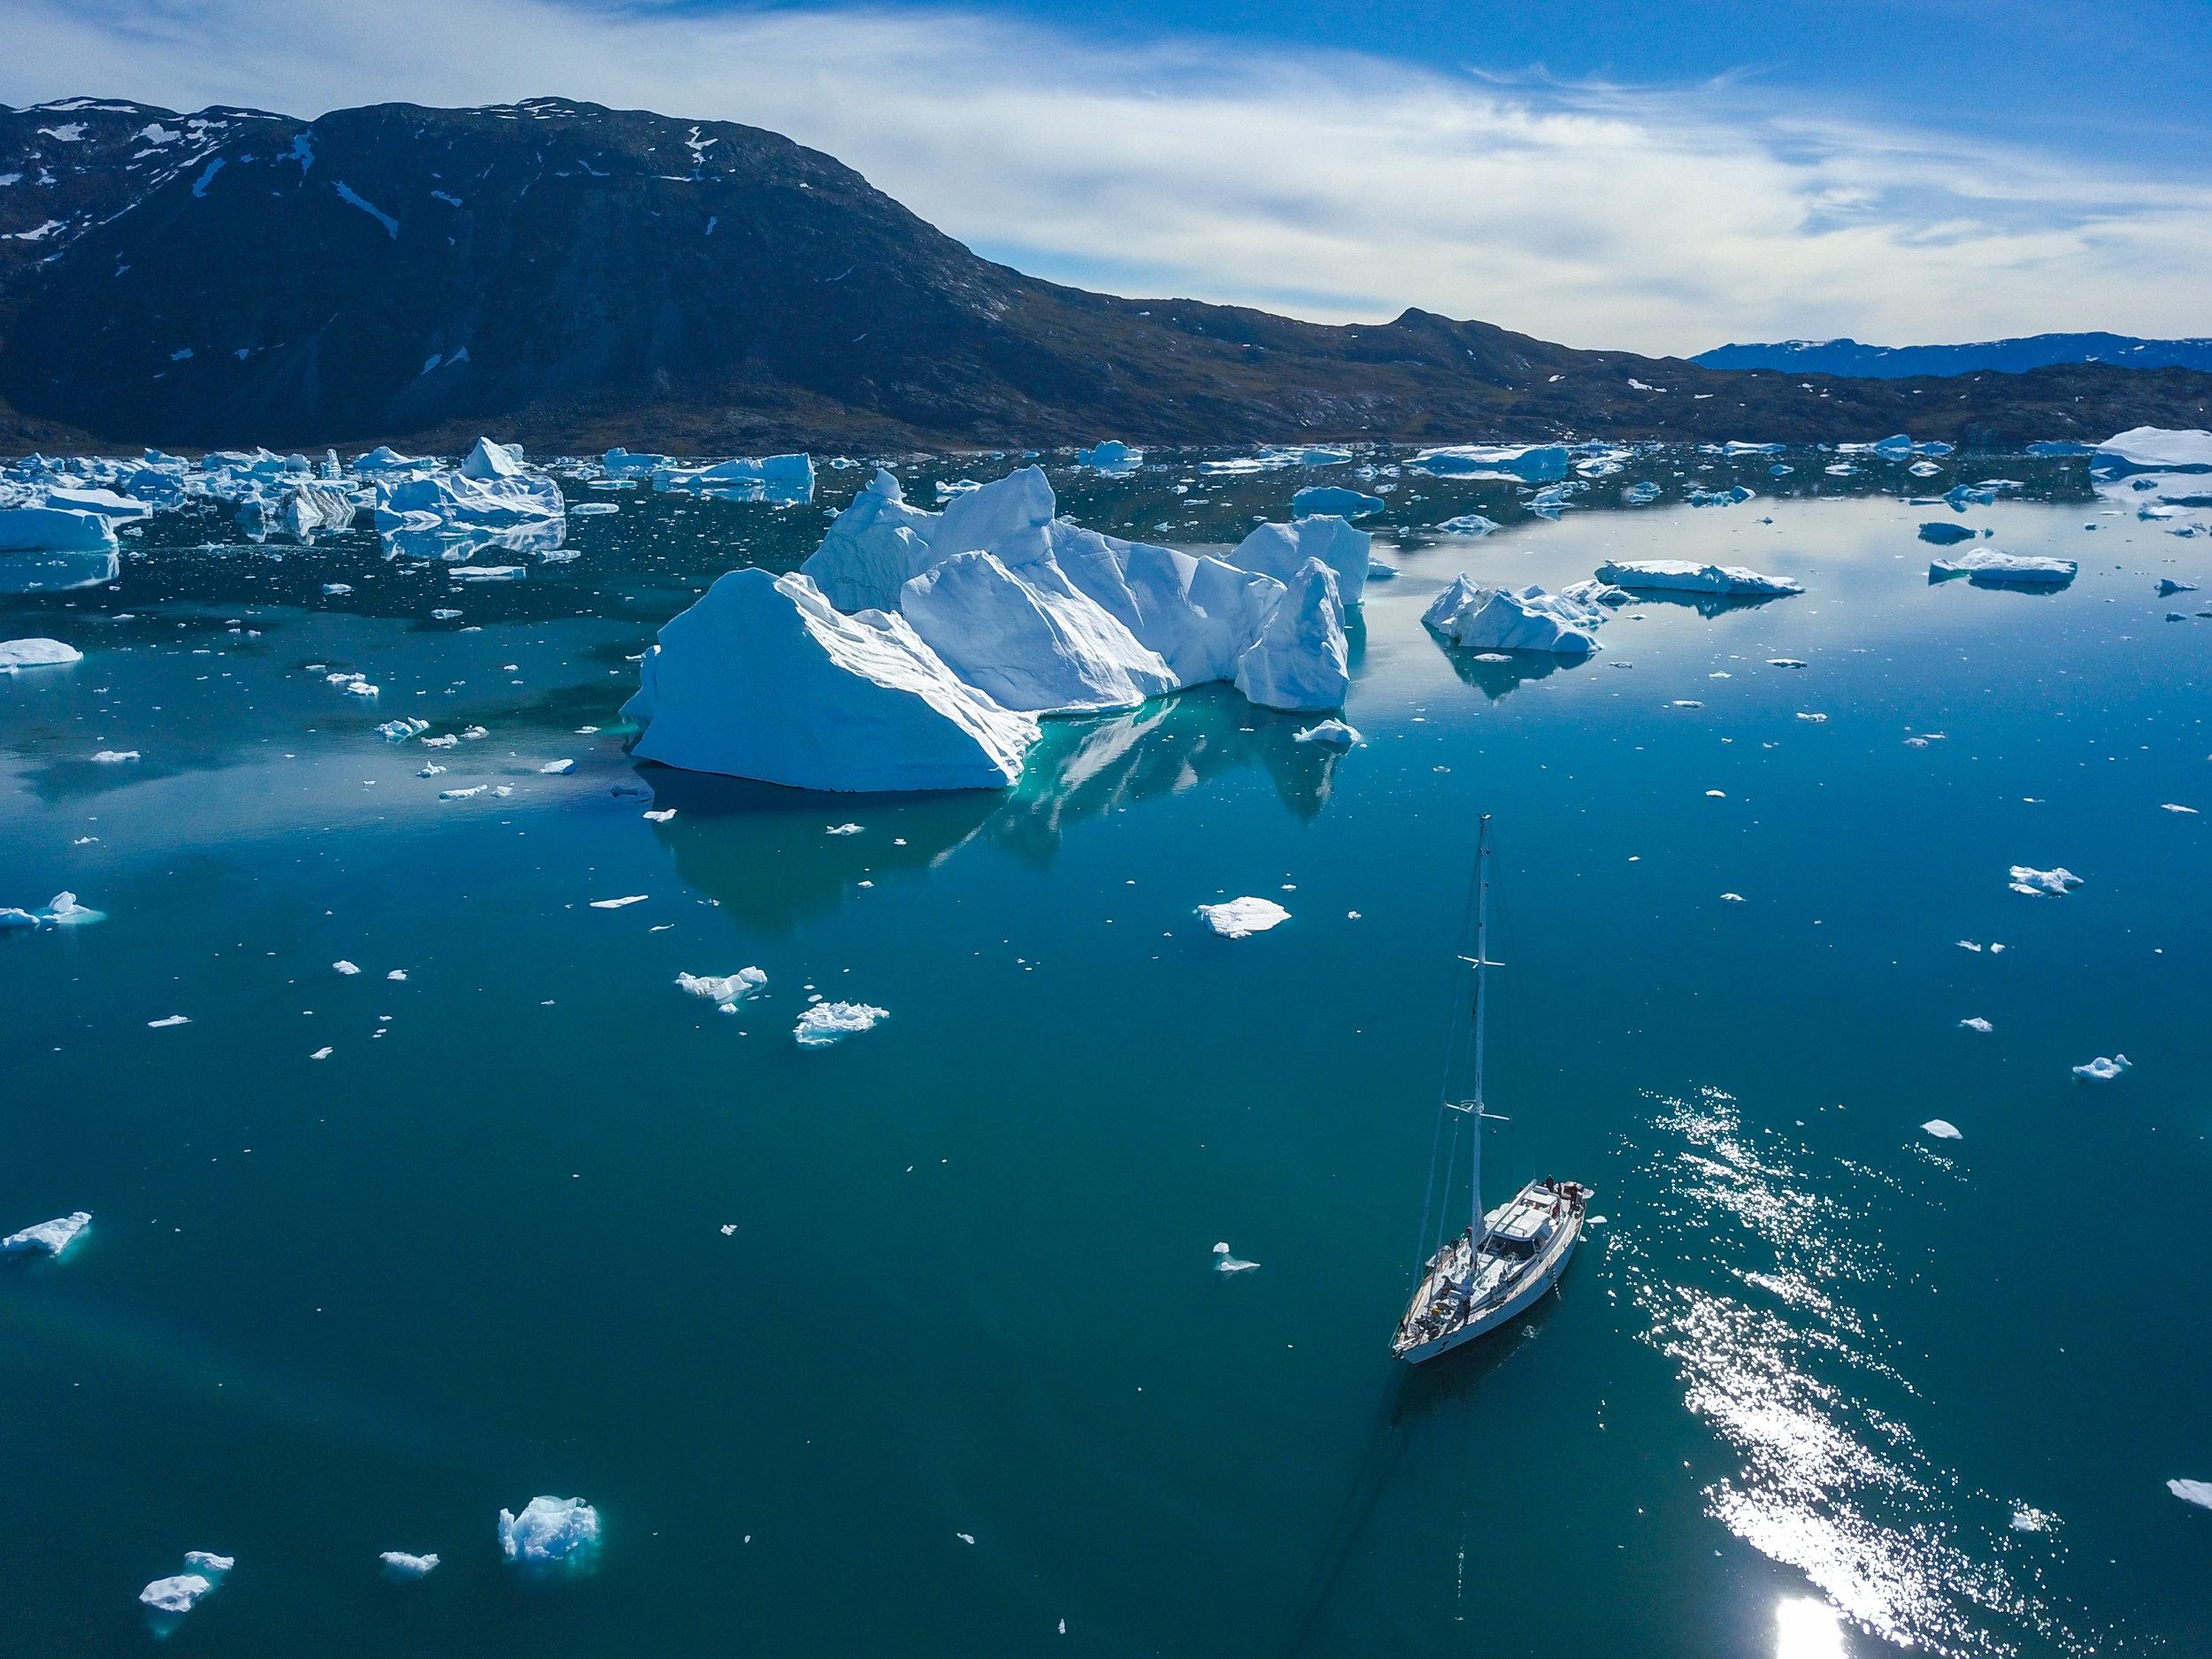 Ilulissat Icefjord, Disko Island & the Uummannaq Fjords in Summer - COLOSSAL ICEBERGS UNDER THE MIDNIGHT SUN